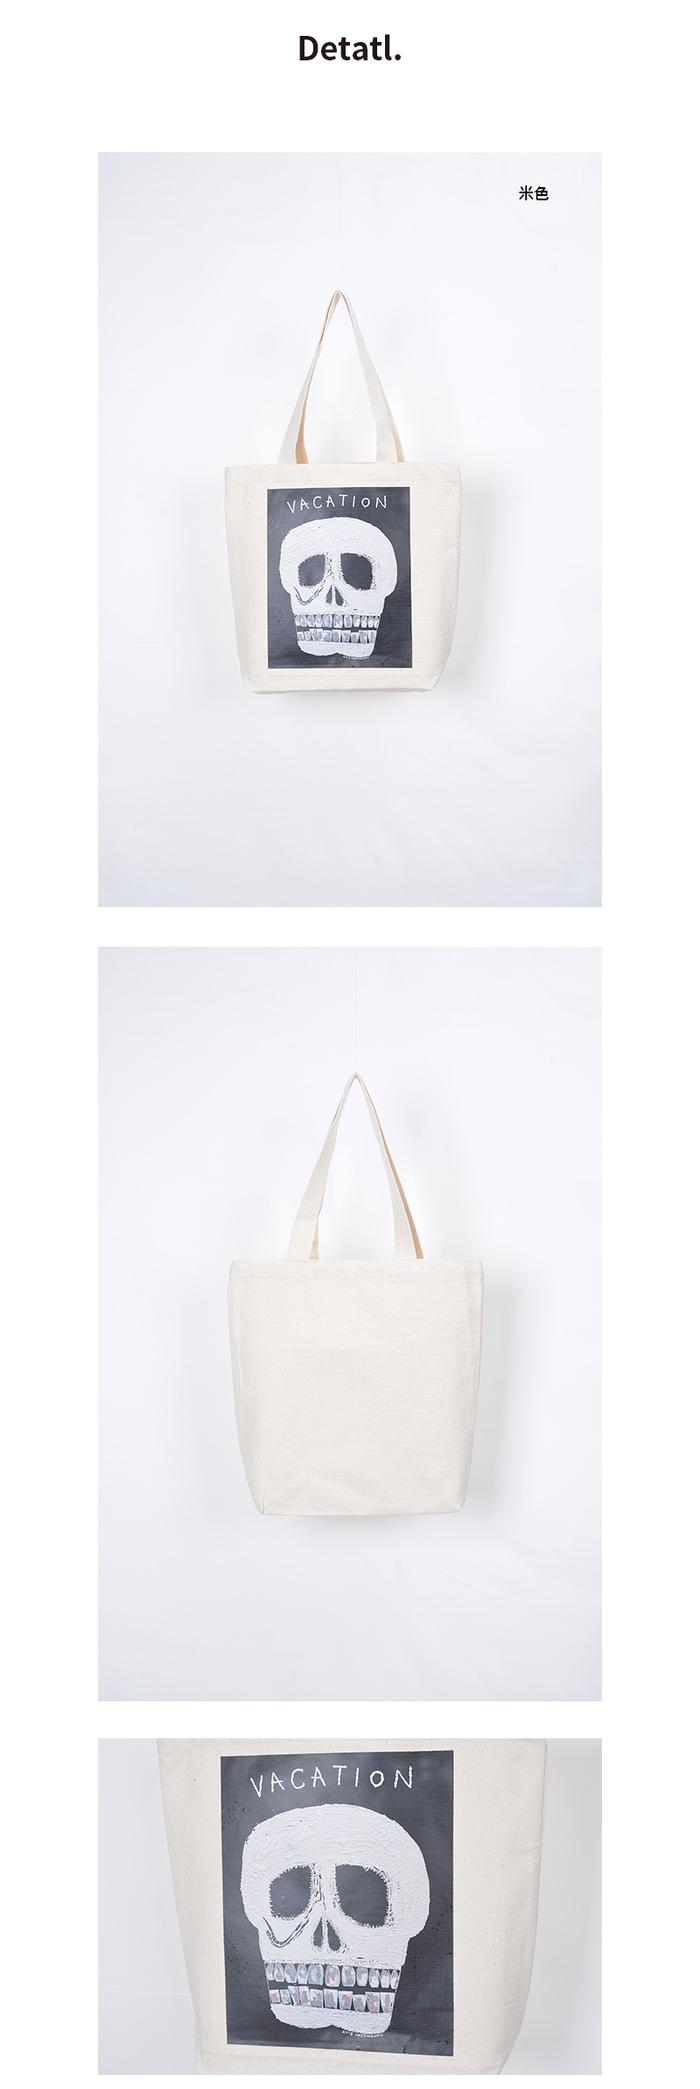 (複製)ANC1.5 HAJUNGWOO 河正宇聯名設計 少女畫像帆布包 0011